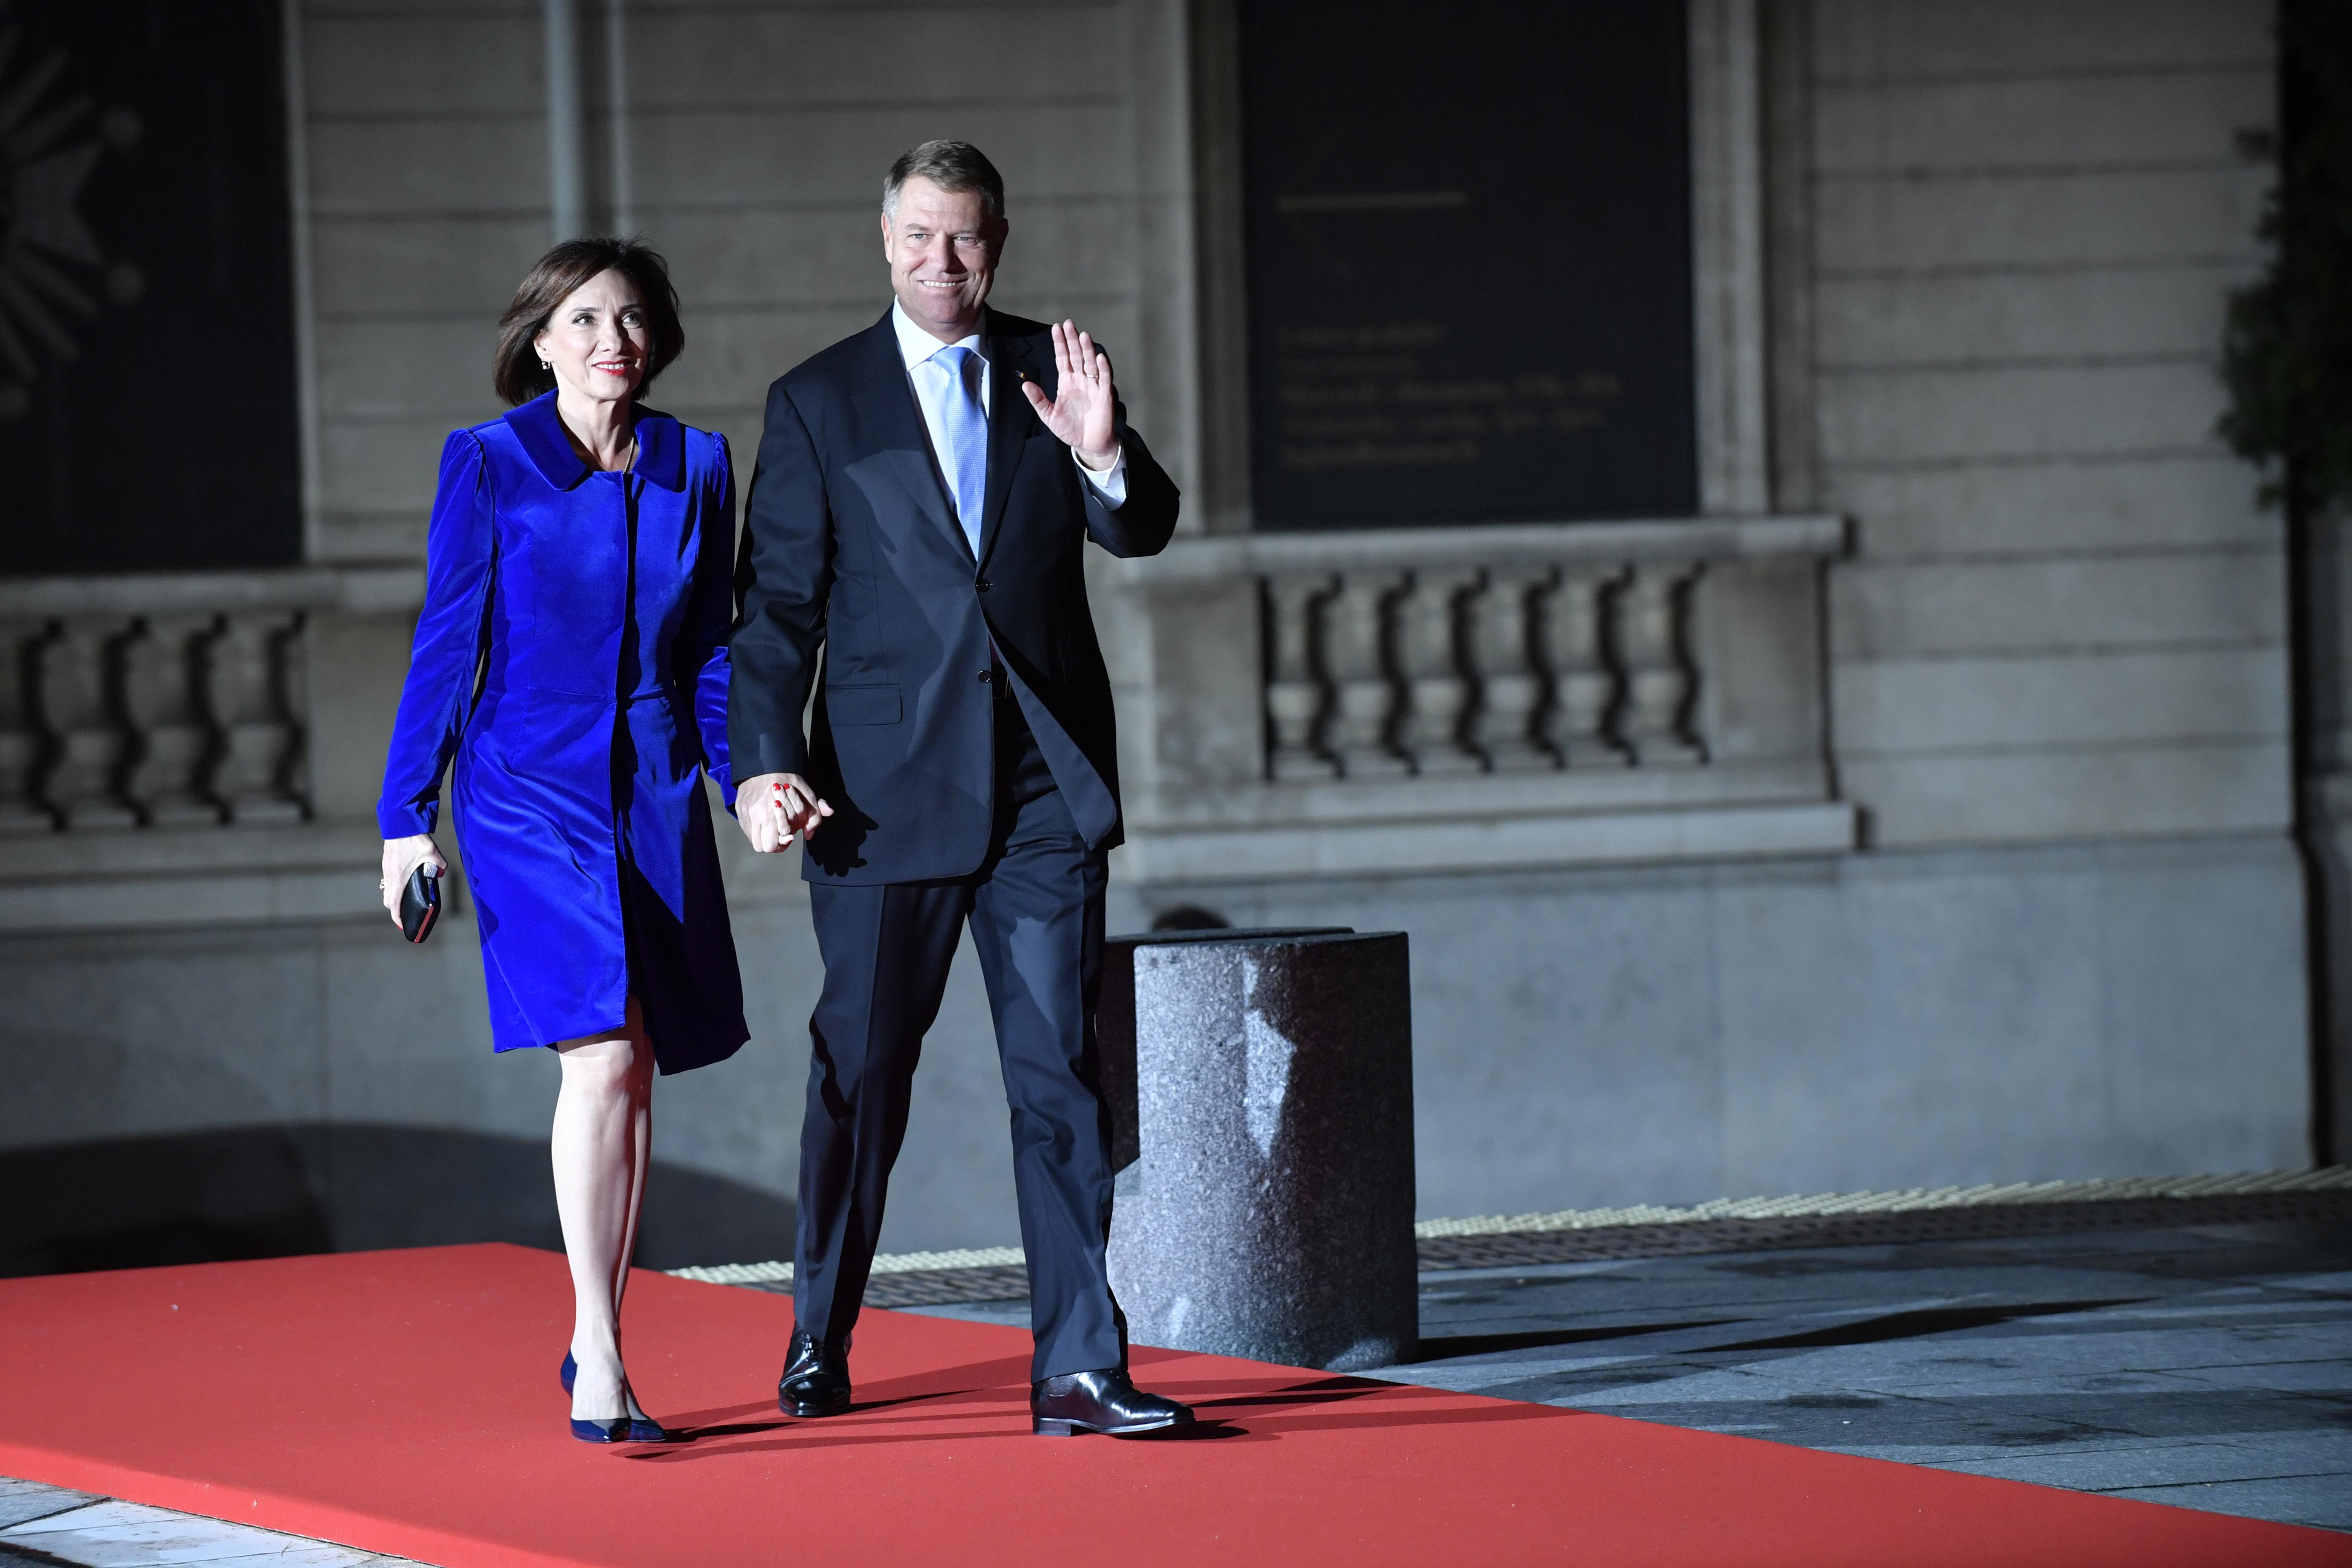 Президентът на РумънияКлаус Йоханиси съпругата му Кармен